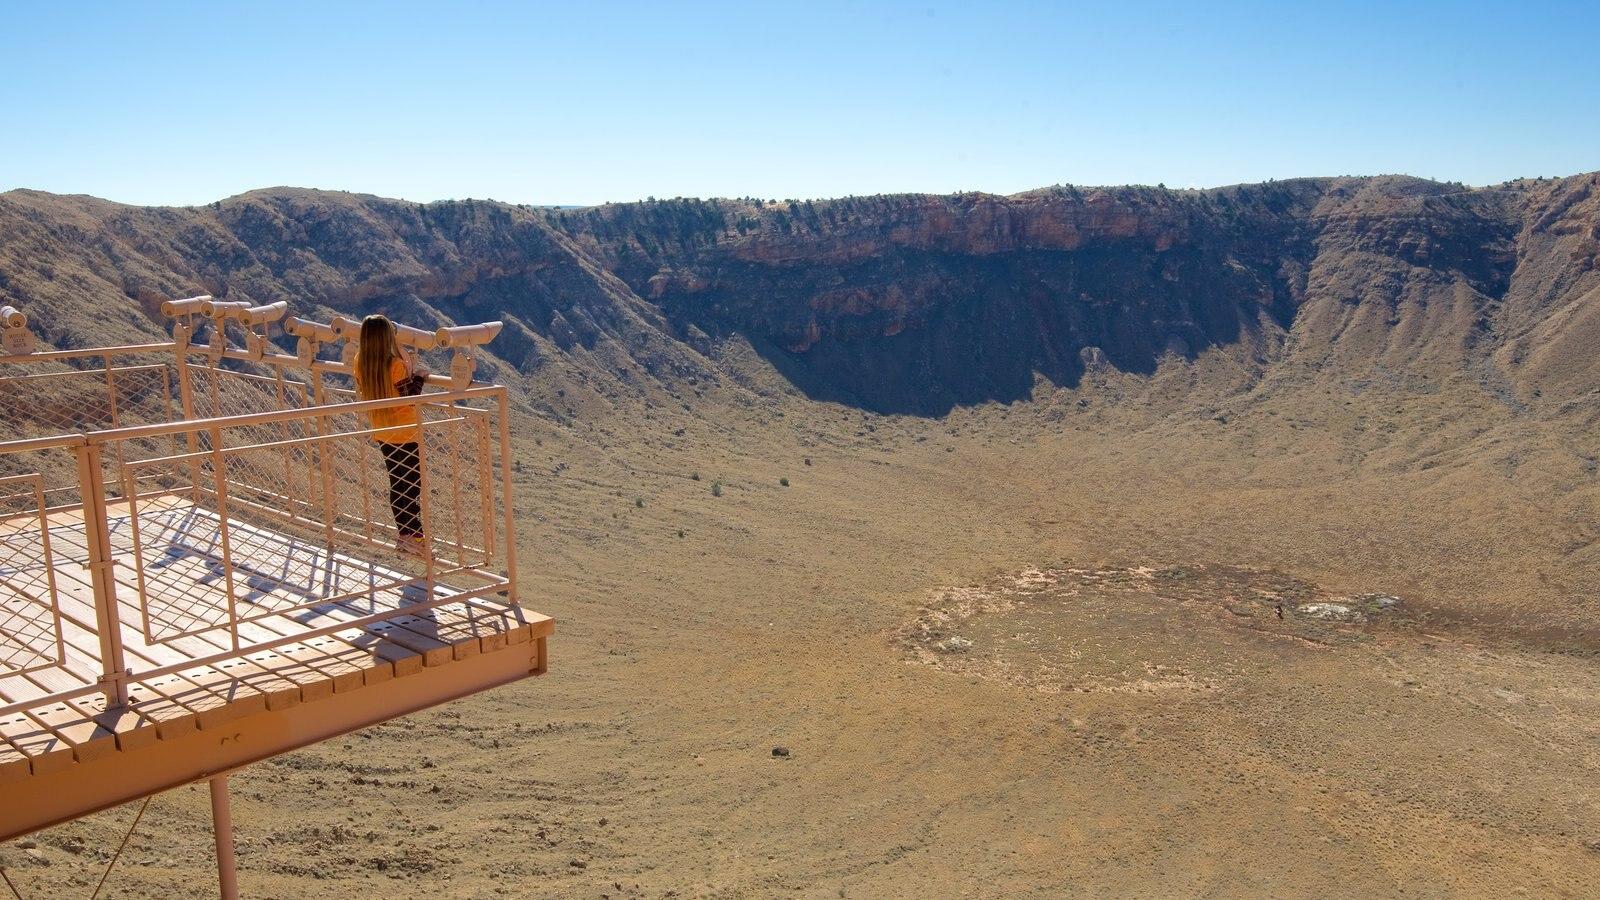 Meteor Crater mostrando paisagens, paisagens do deserto e cenas tranquilas